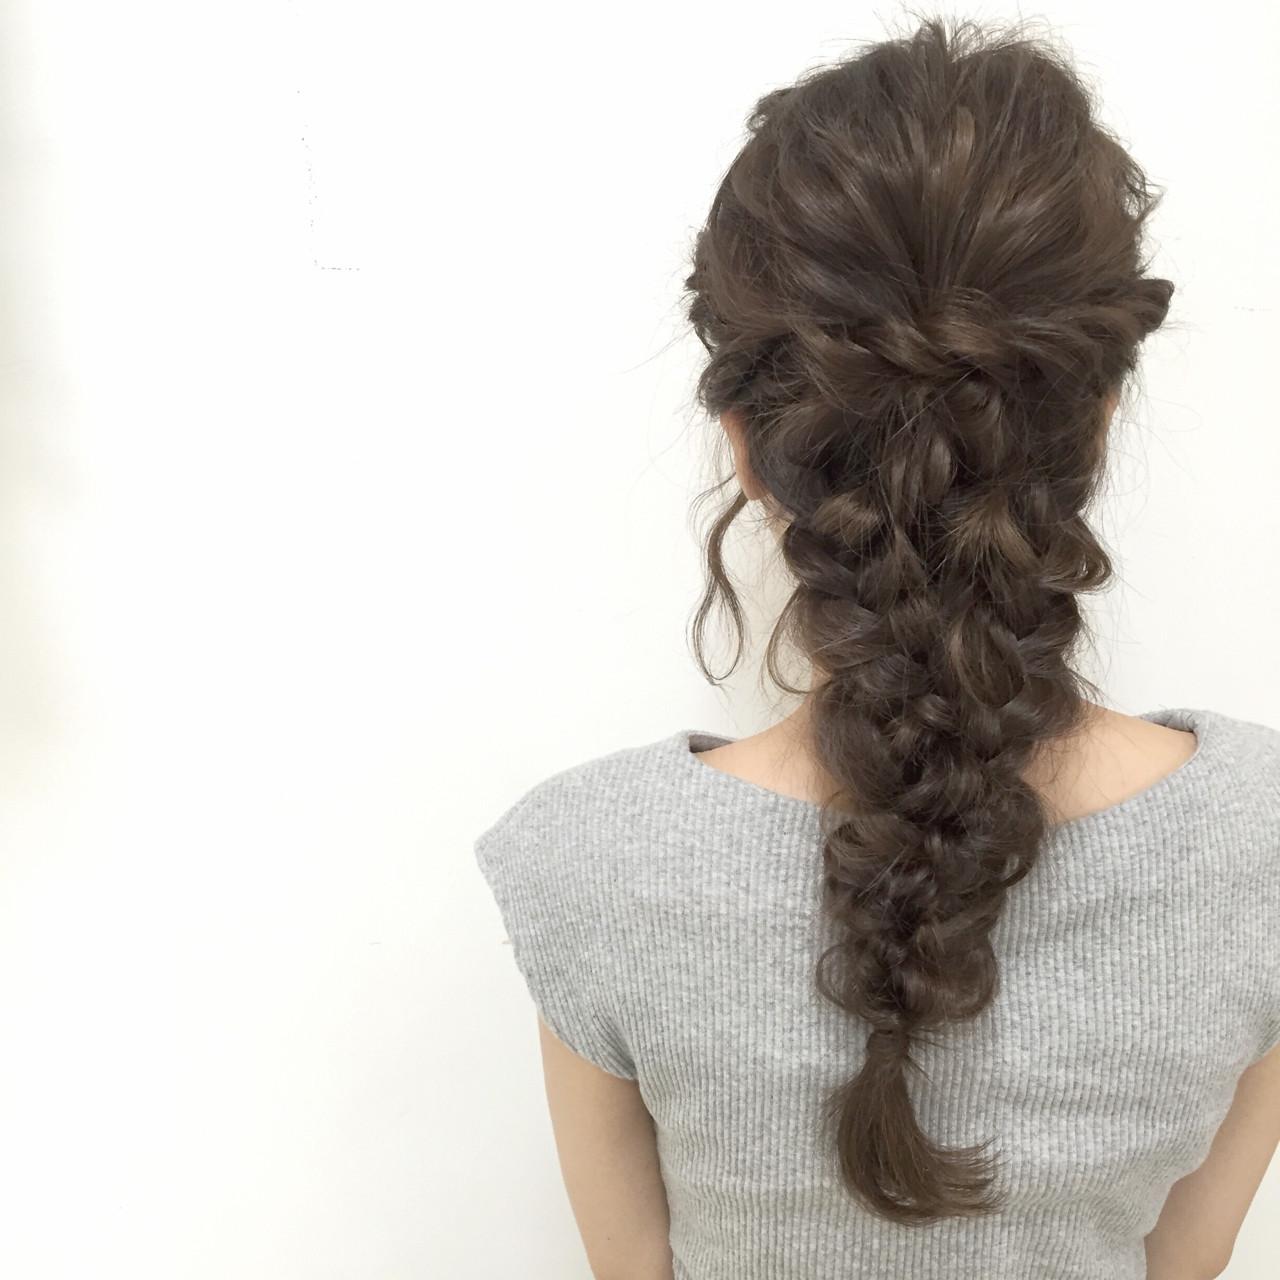 愛され ヘアアレンジ ロング 編み込み ヘアスタイルや髪型の写真・画像